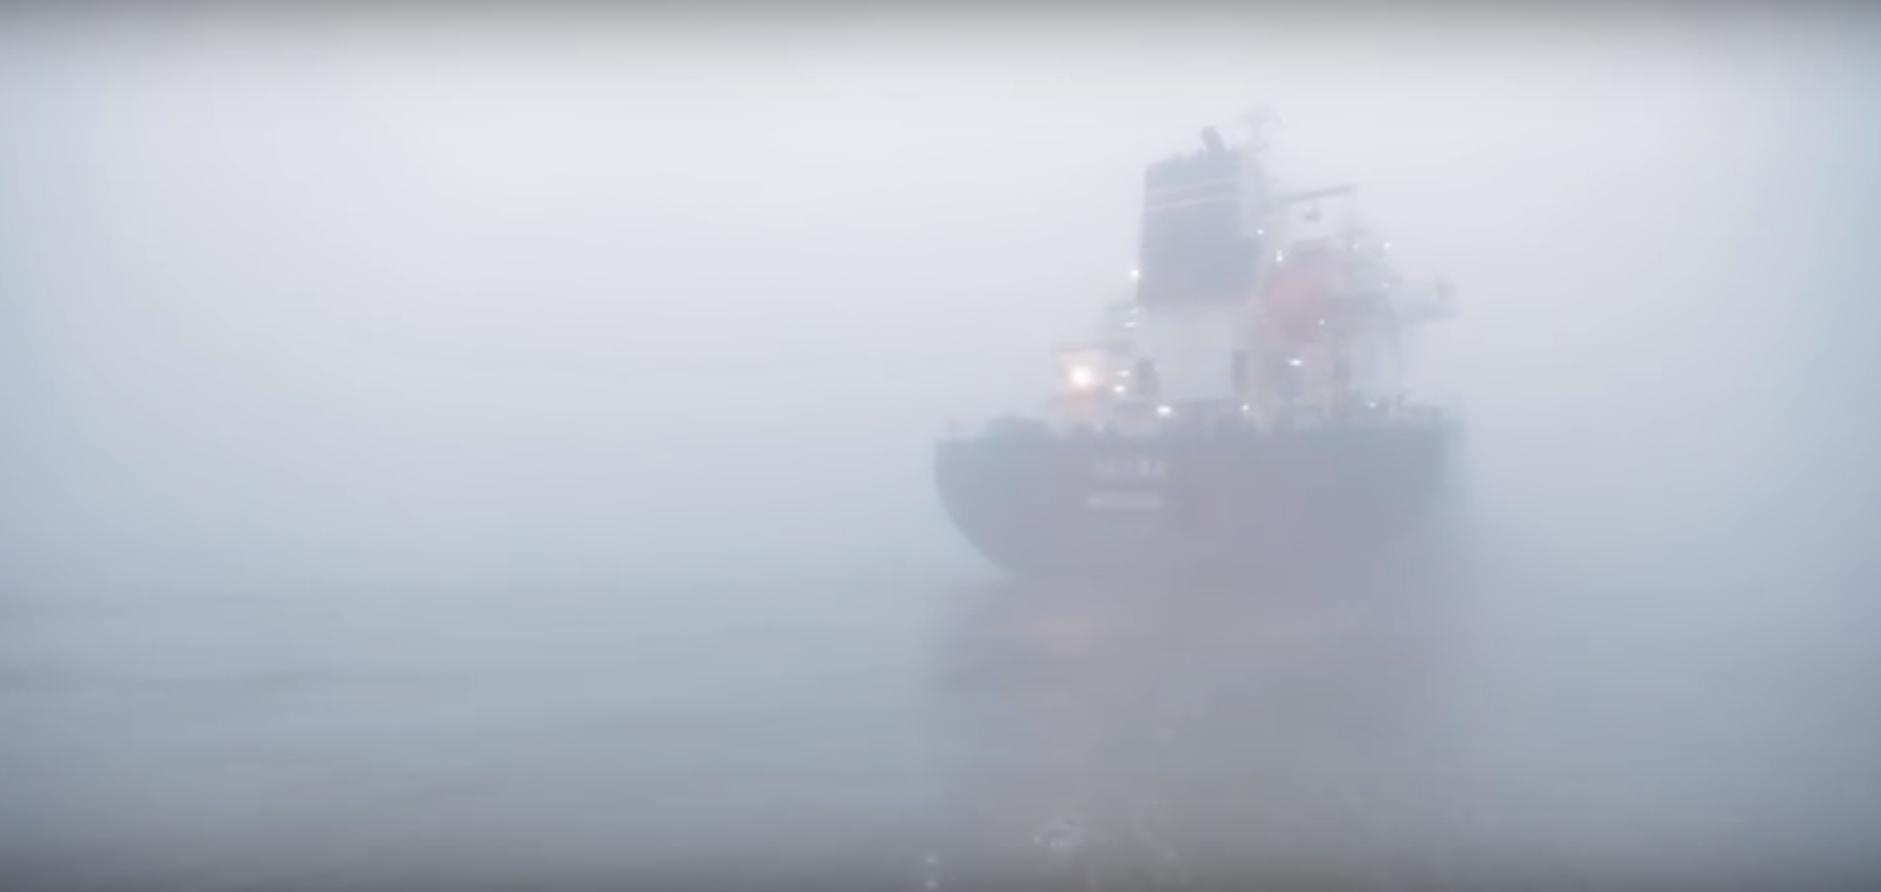 Fog_river_2019.png